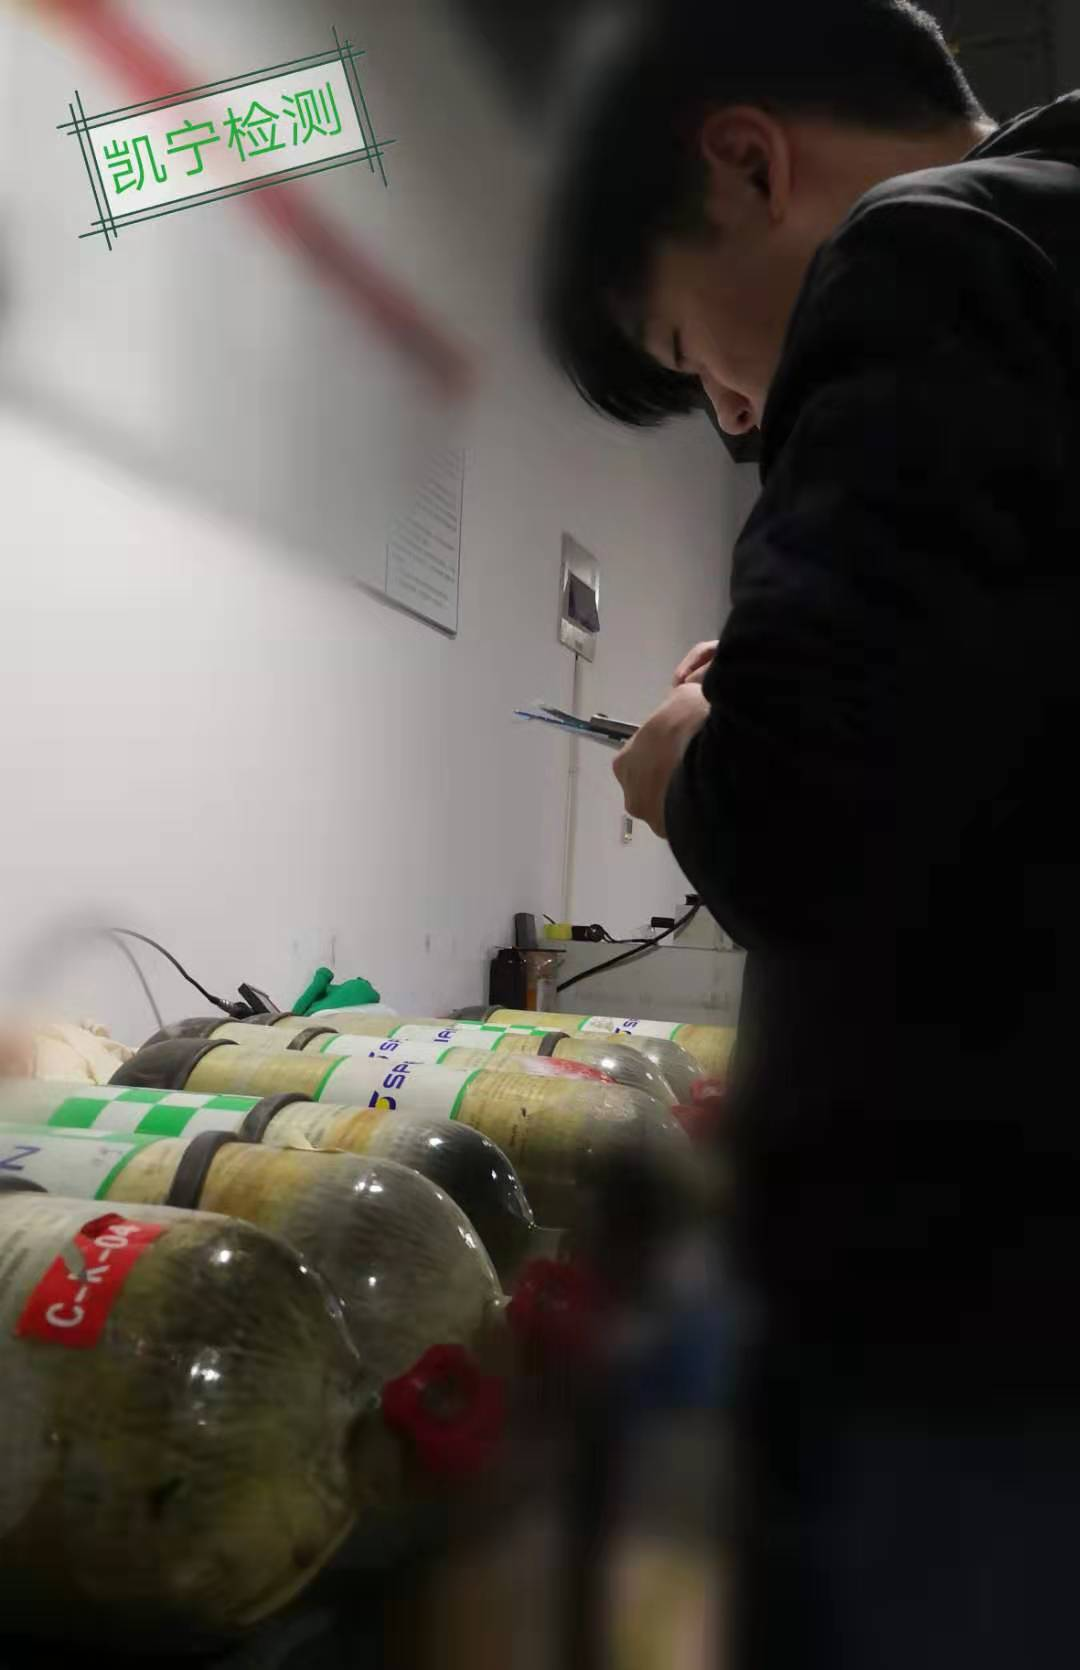 四川备用气瓶检测检验 来电咨询「上海凯宁安全装备供应」